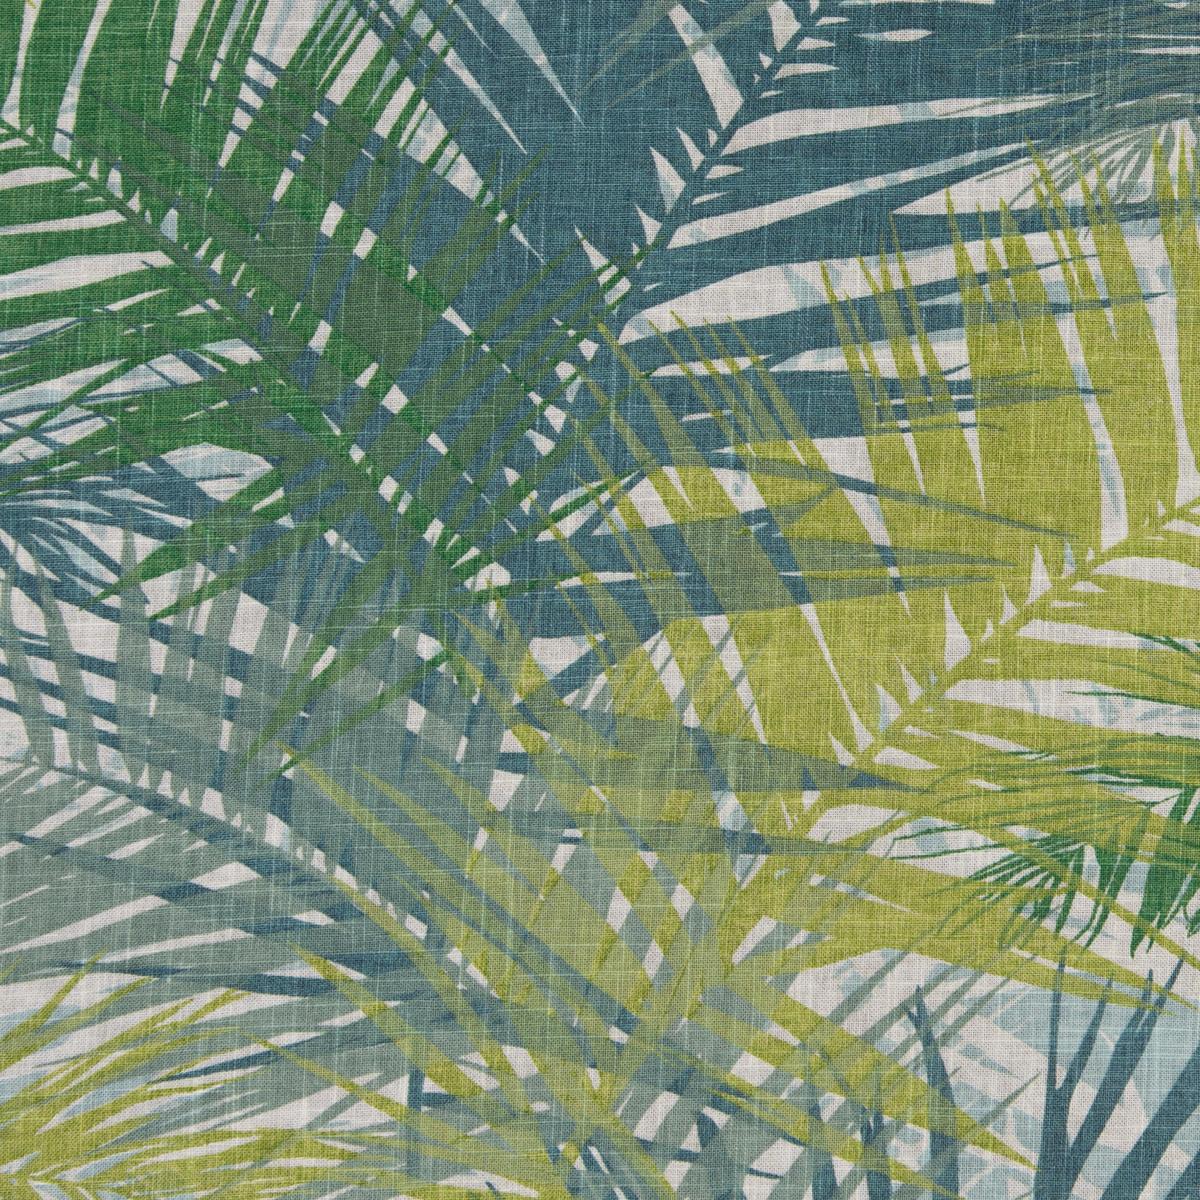 Möbelstoff Dekostoff Leinenstoff Bambusblätter Blätter grün 1,40m Breite